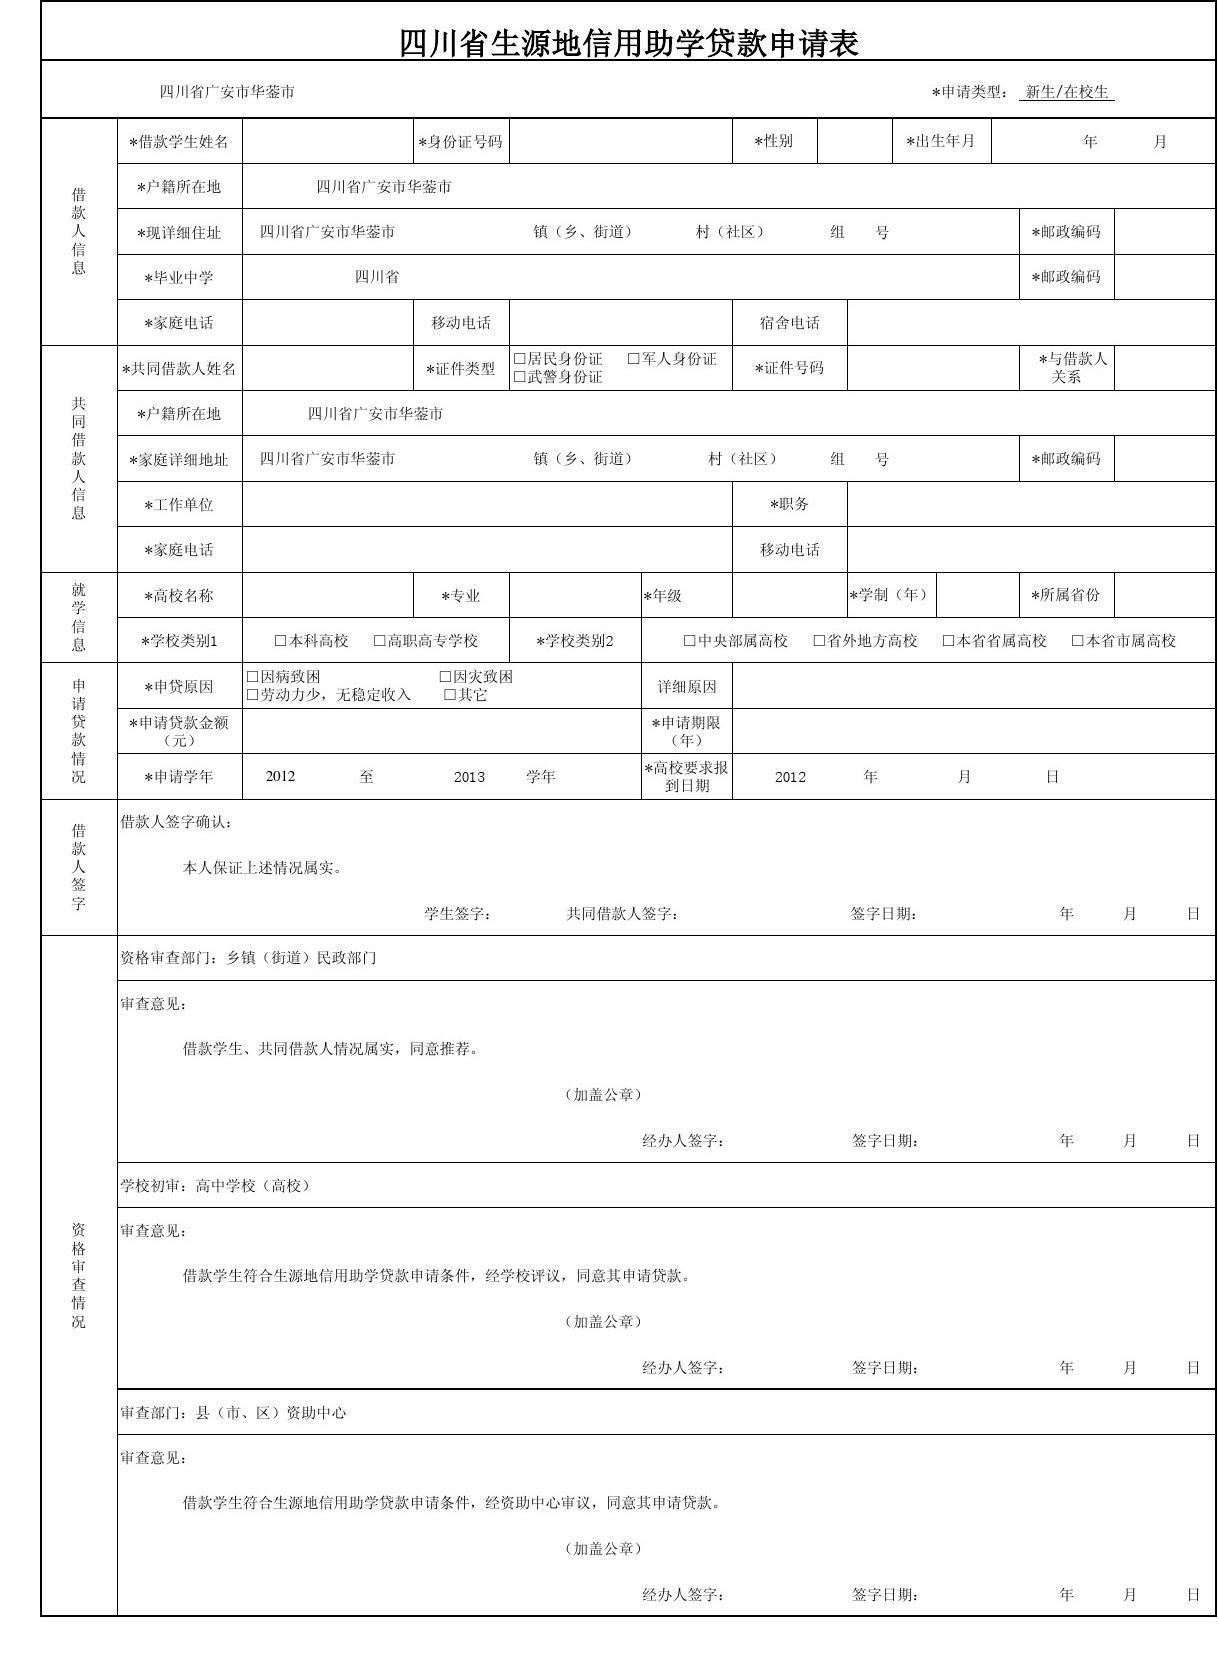 高校助学贷款申请表_生源地信用助学贷款申请表_word文档在线阅读与下载_无忧文档